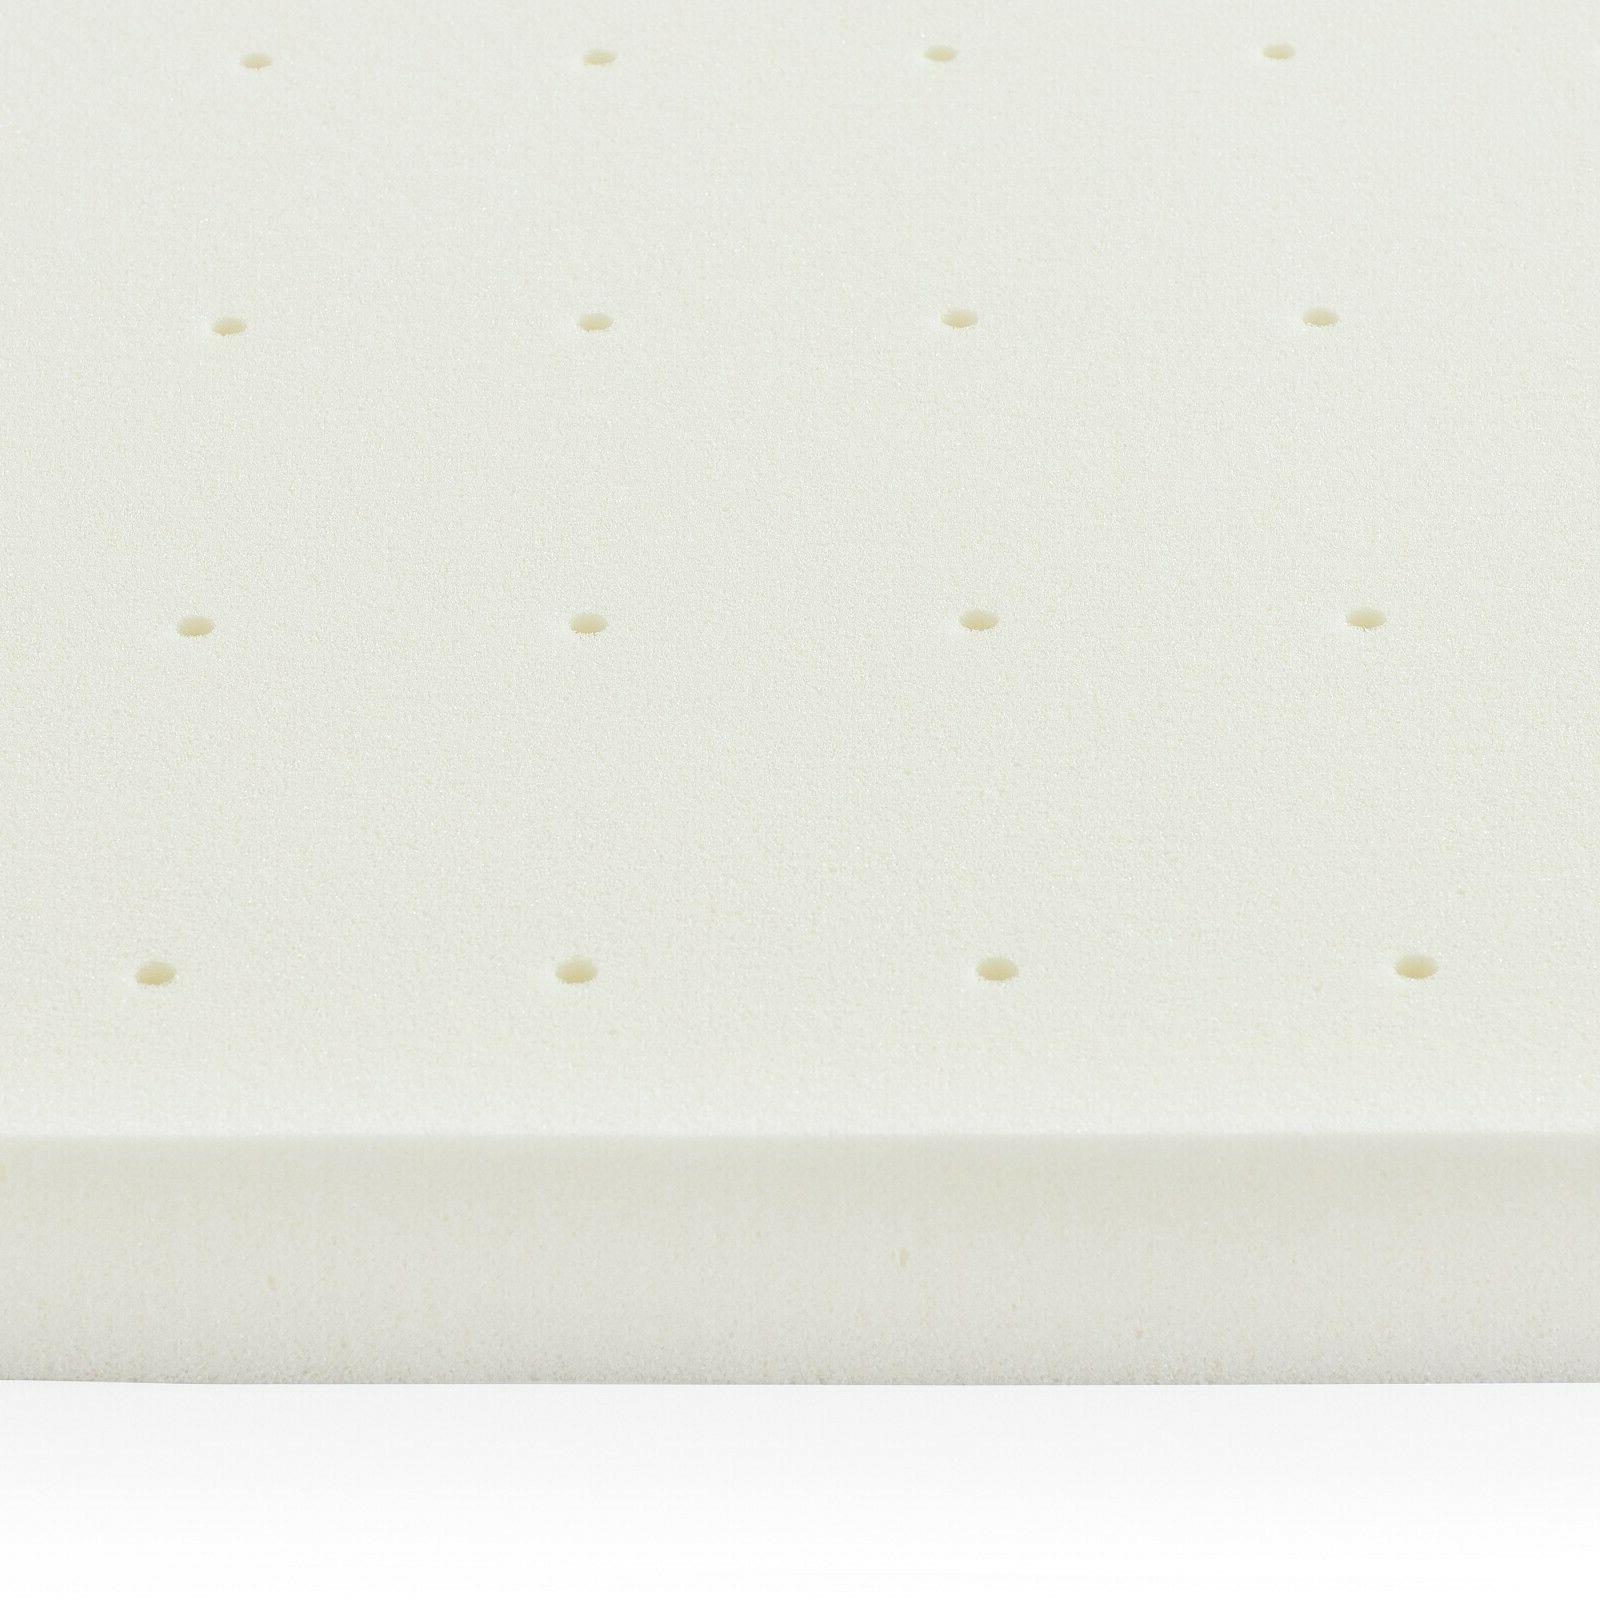 LUCID 2, 3, 4 inch Memory Foam Mattress Twin Full Queen